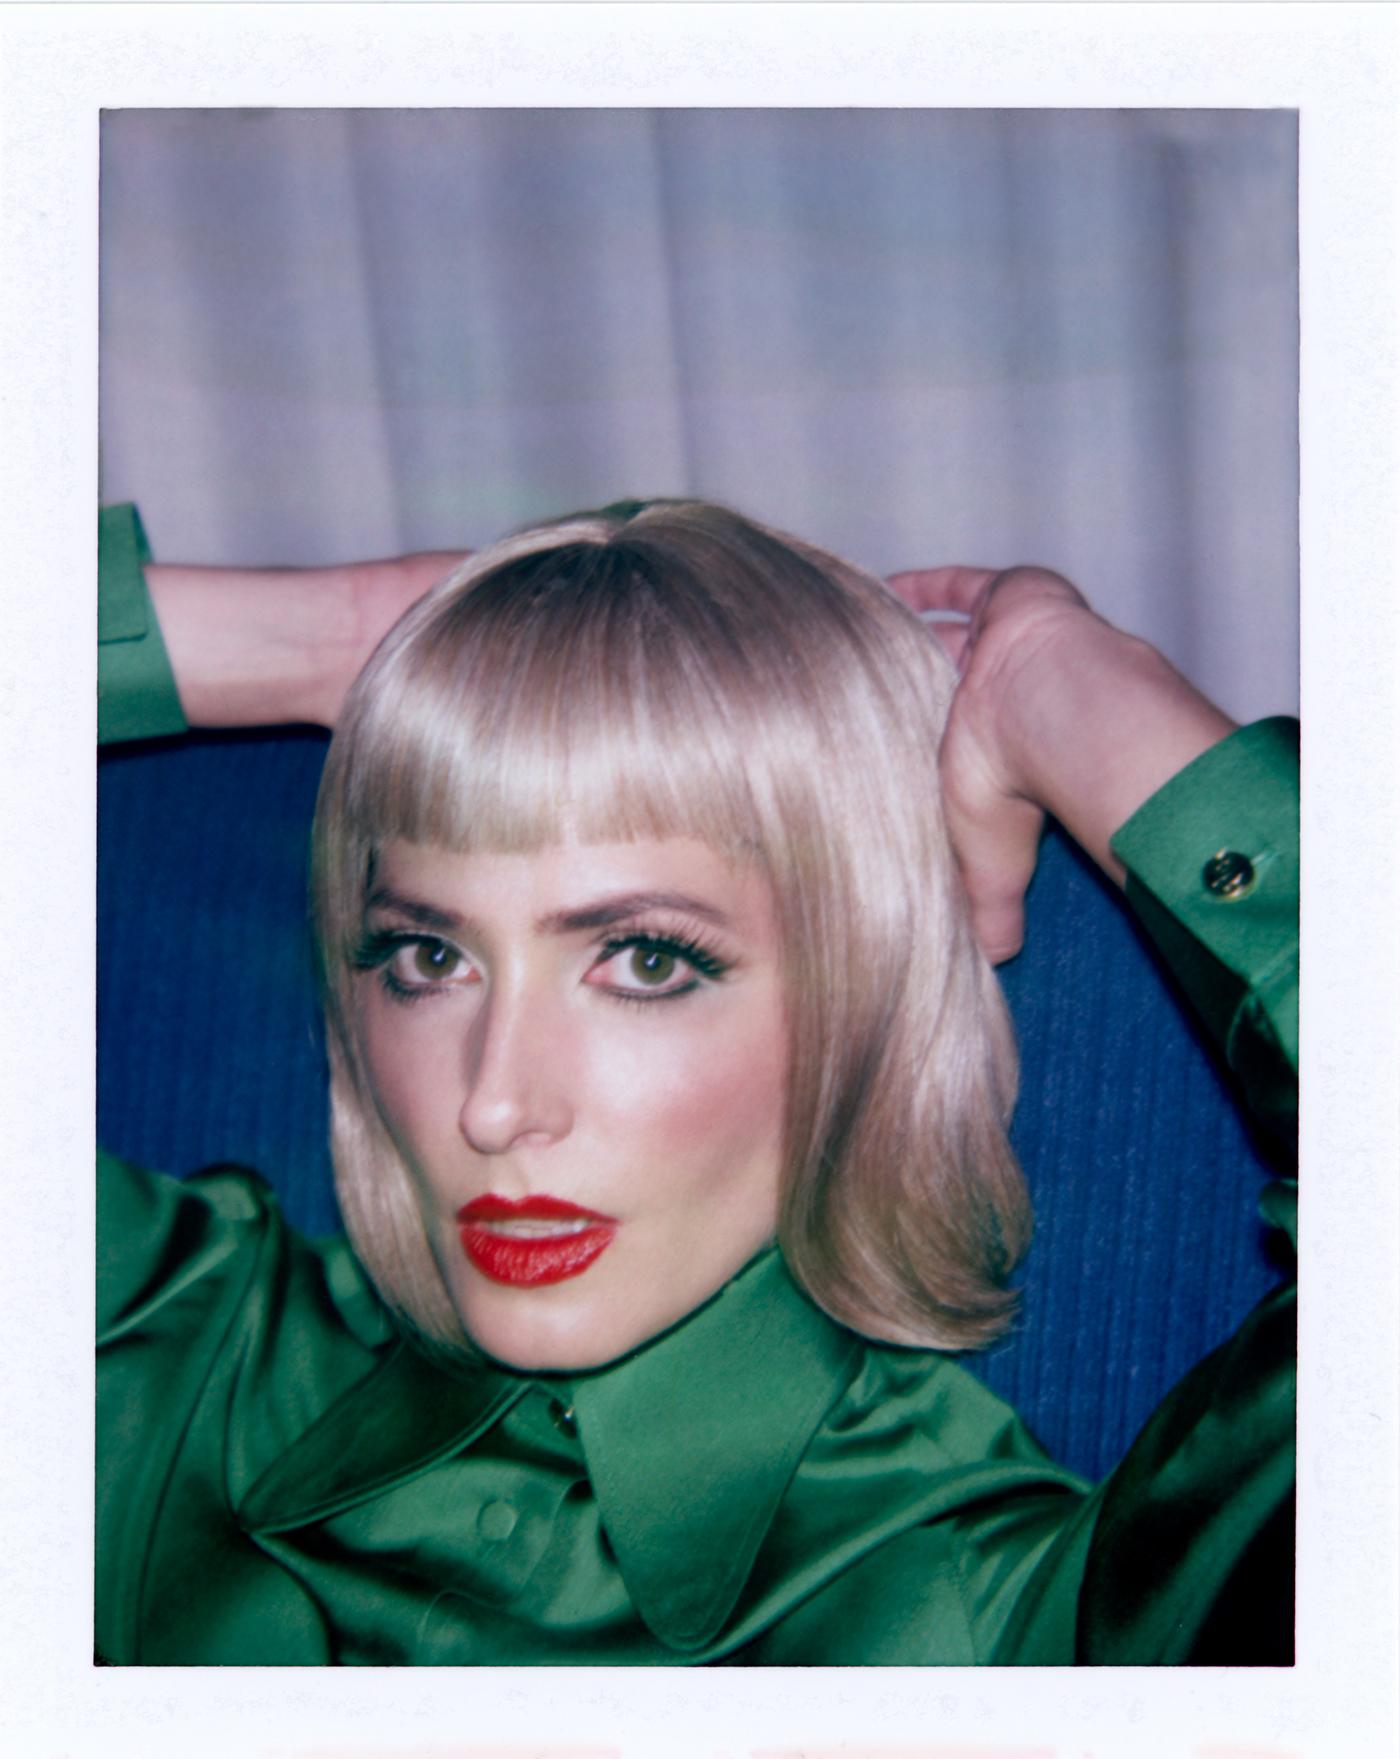 Bárbara Lennie pone sus propias reglas en 'Epilove', el nuevo fashion film de Gucci